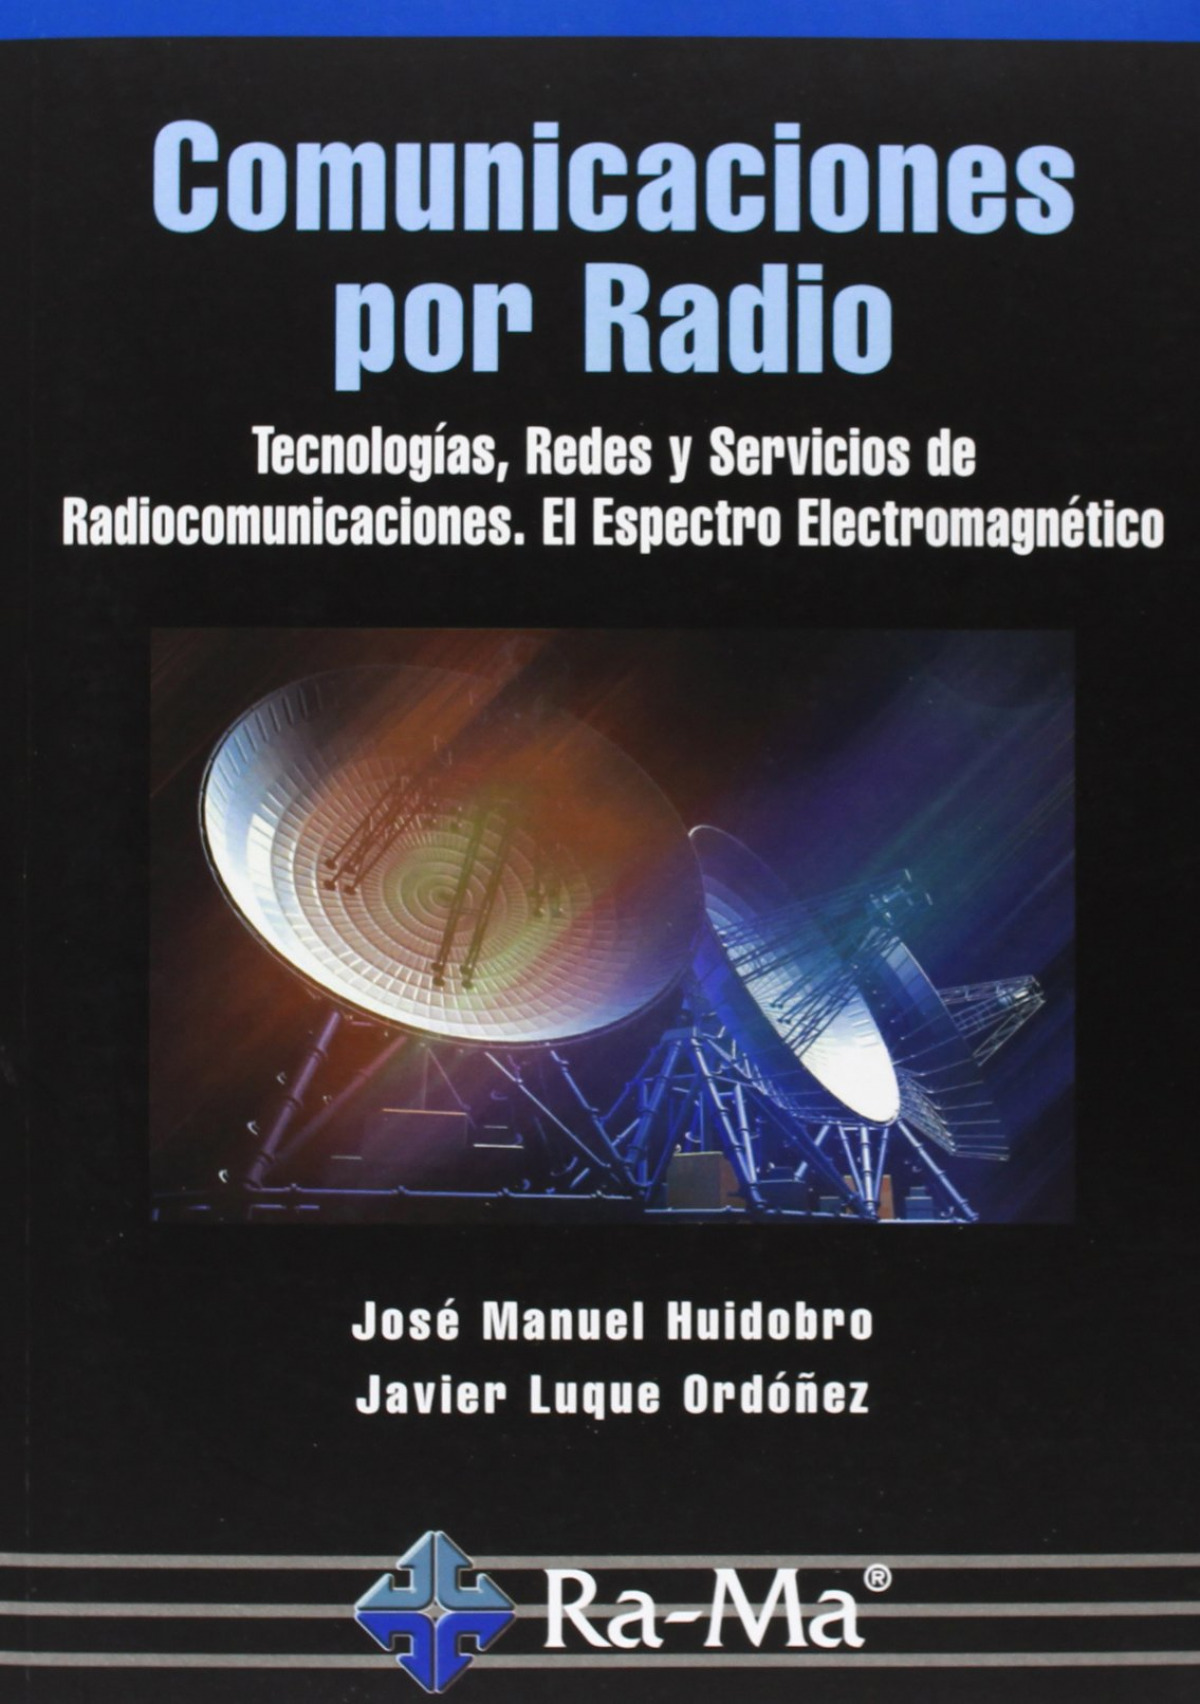 COMUNICACIONES POR RADIO: TECNOLOGIAS,REDES Y SERVICIOS 9788499642291